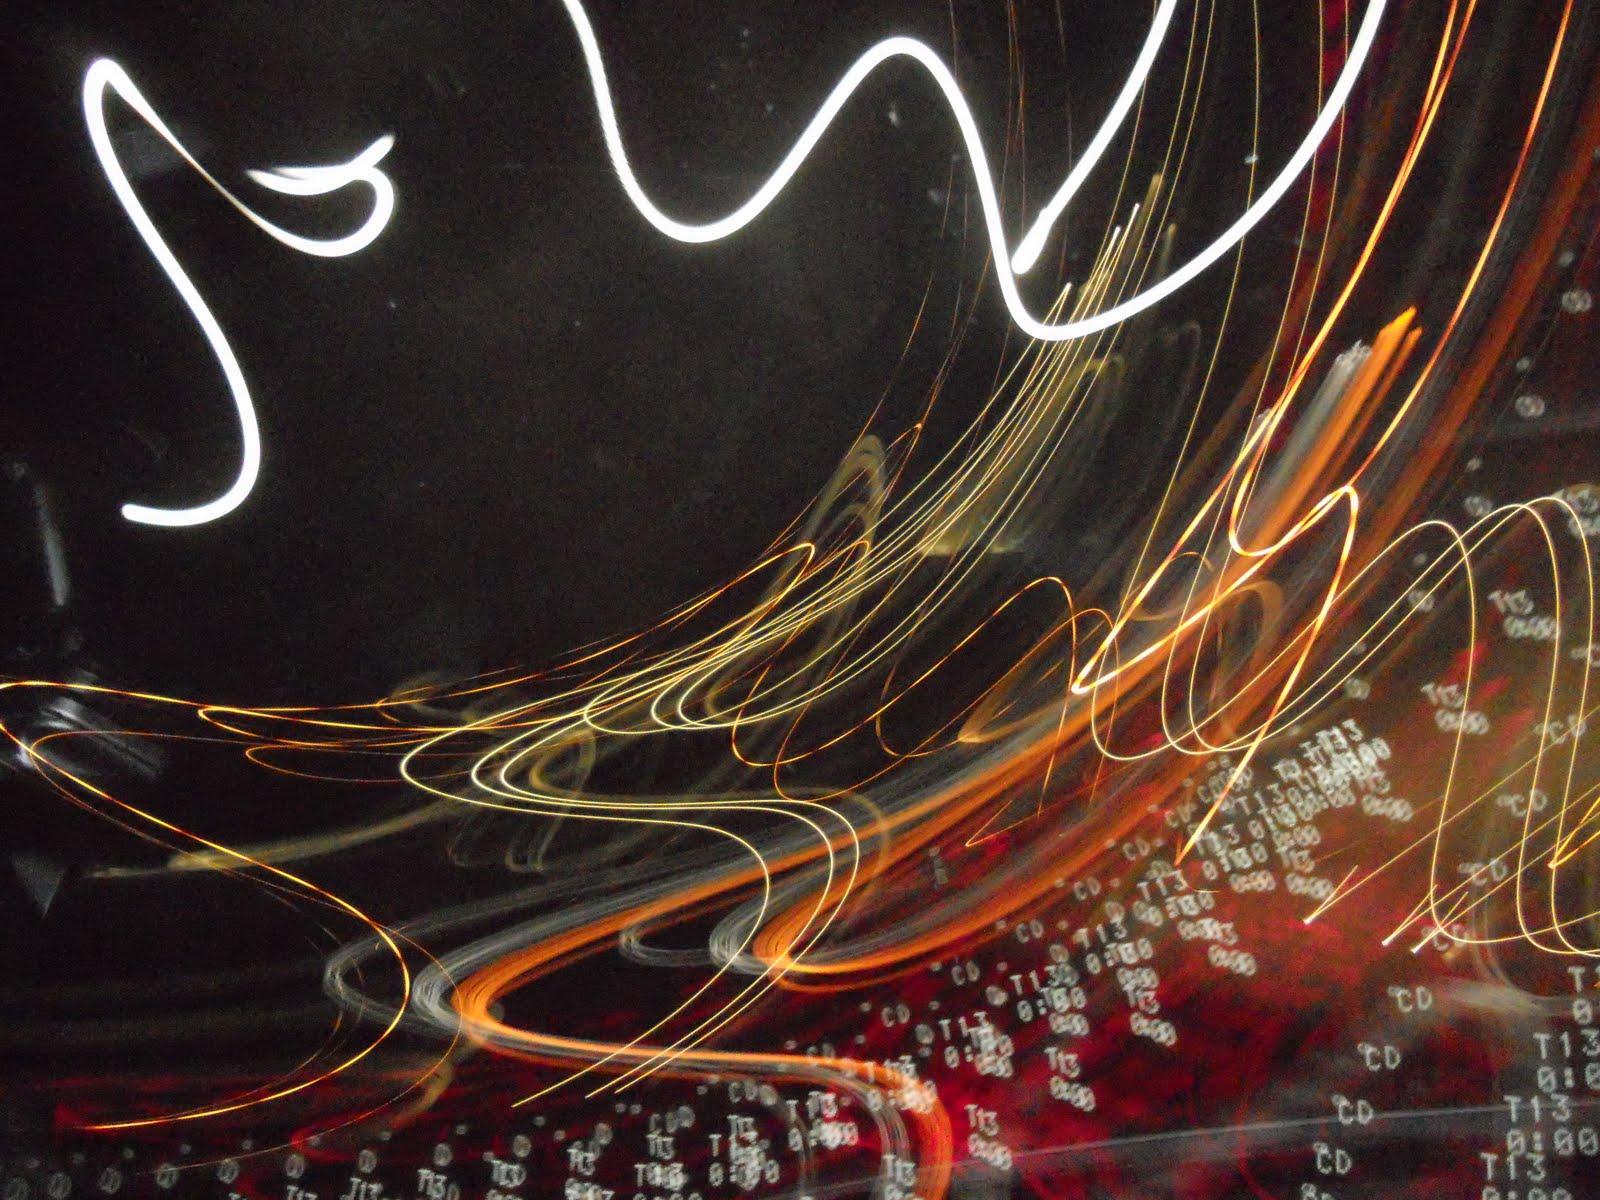 String Lights Doodle : LIGHT DOODLES